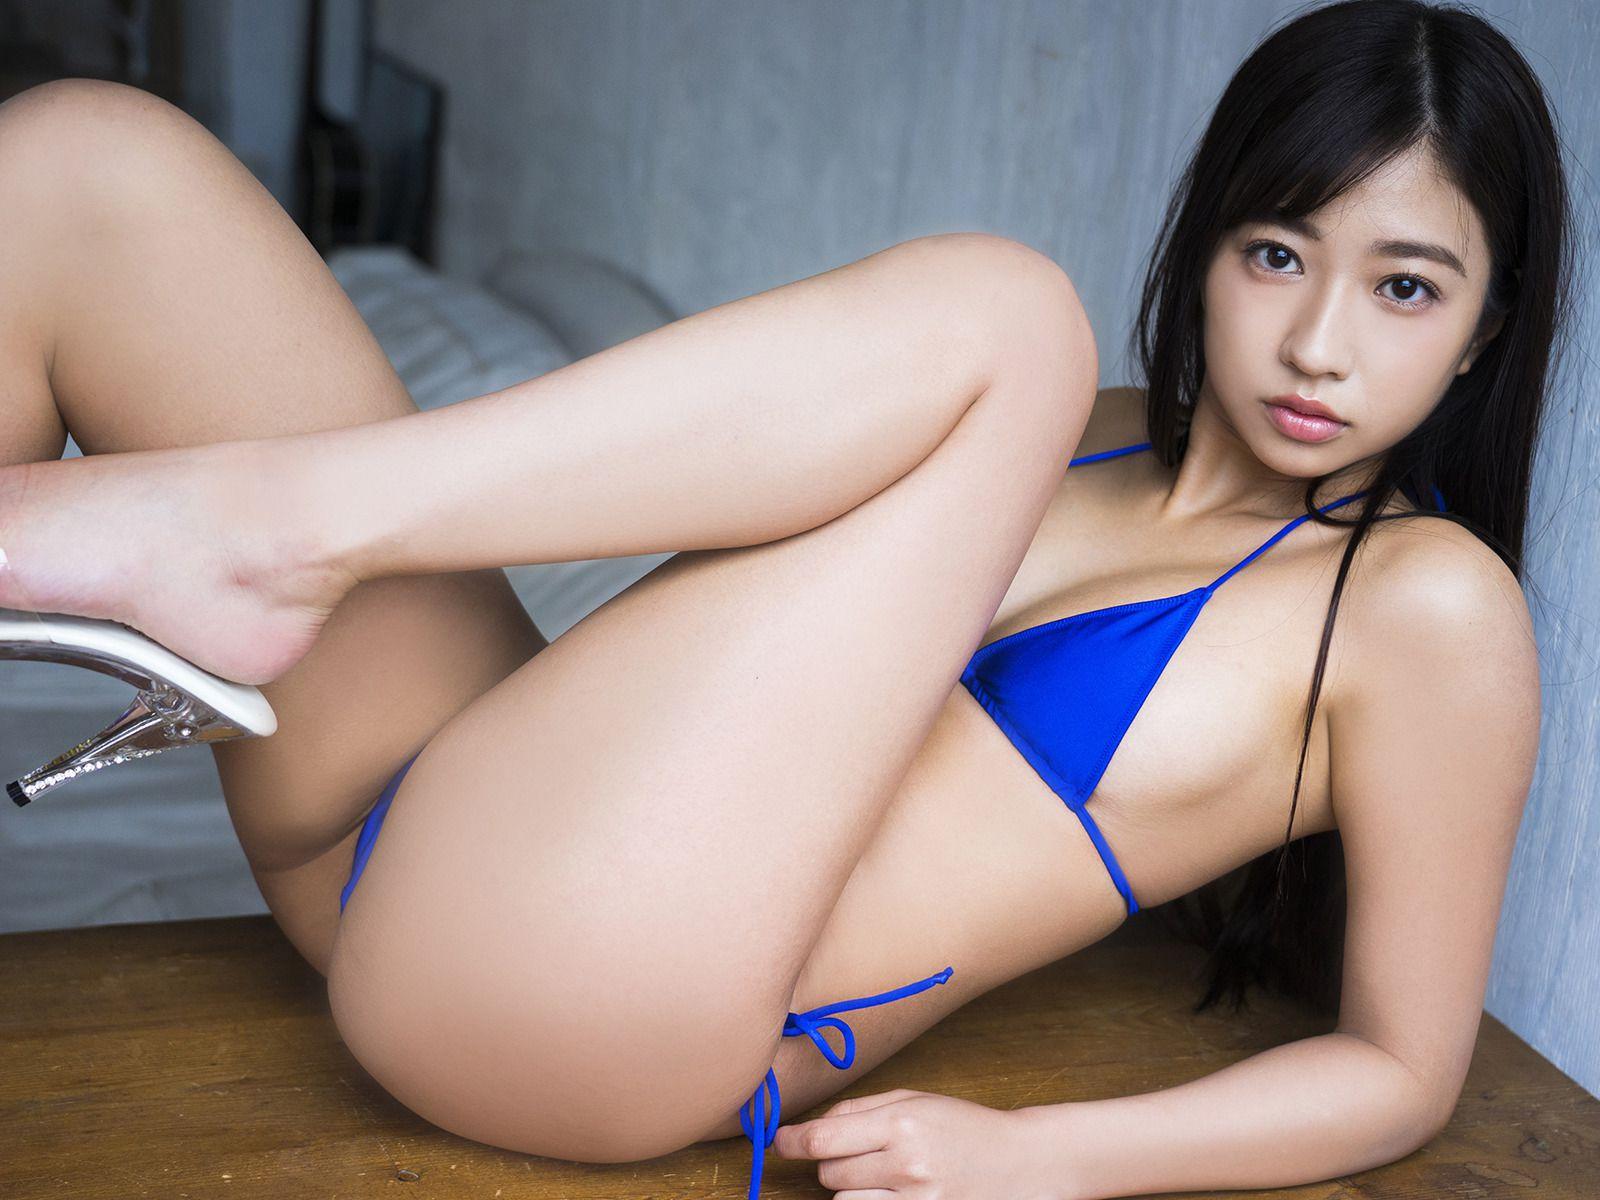 Suitable breast queen035